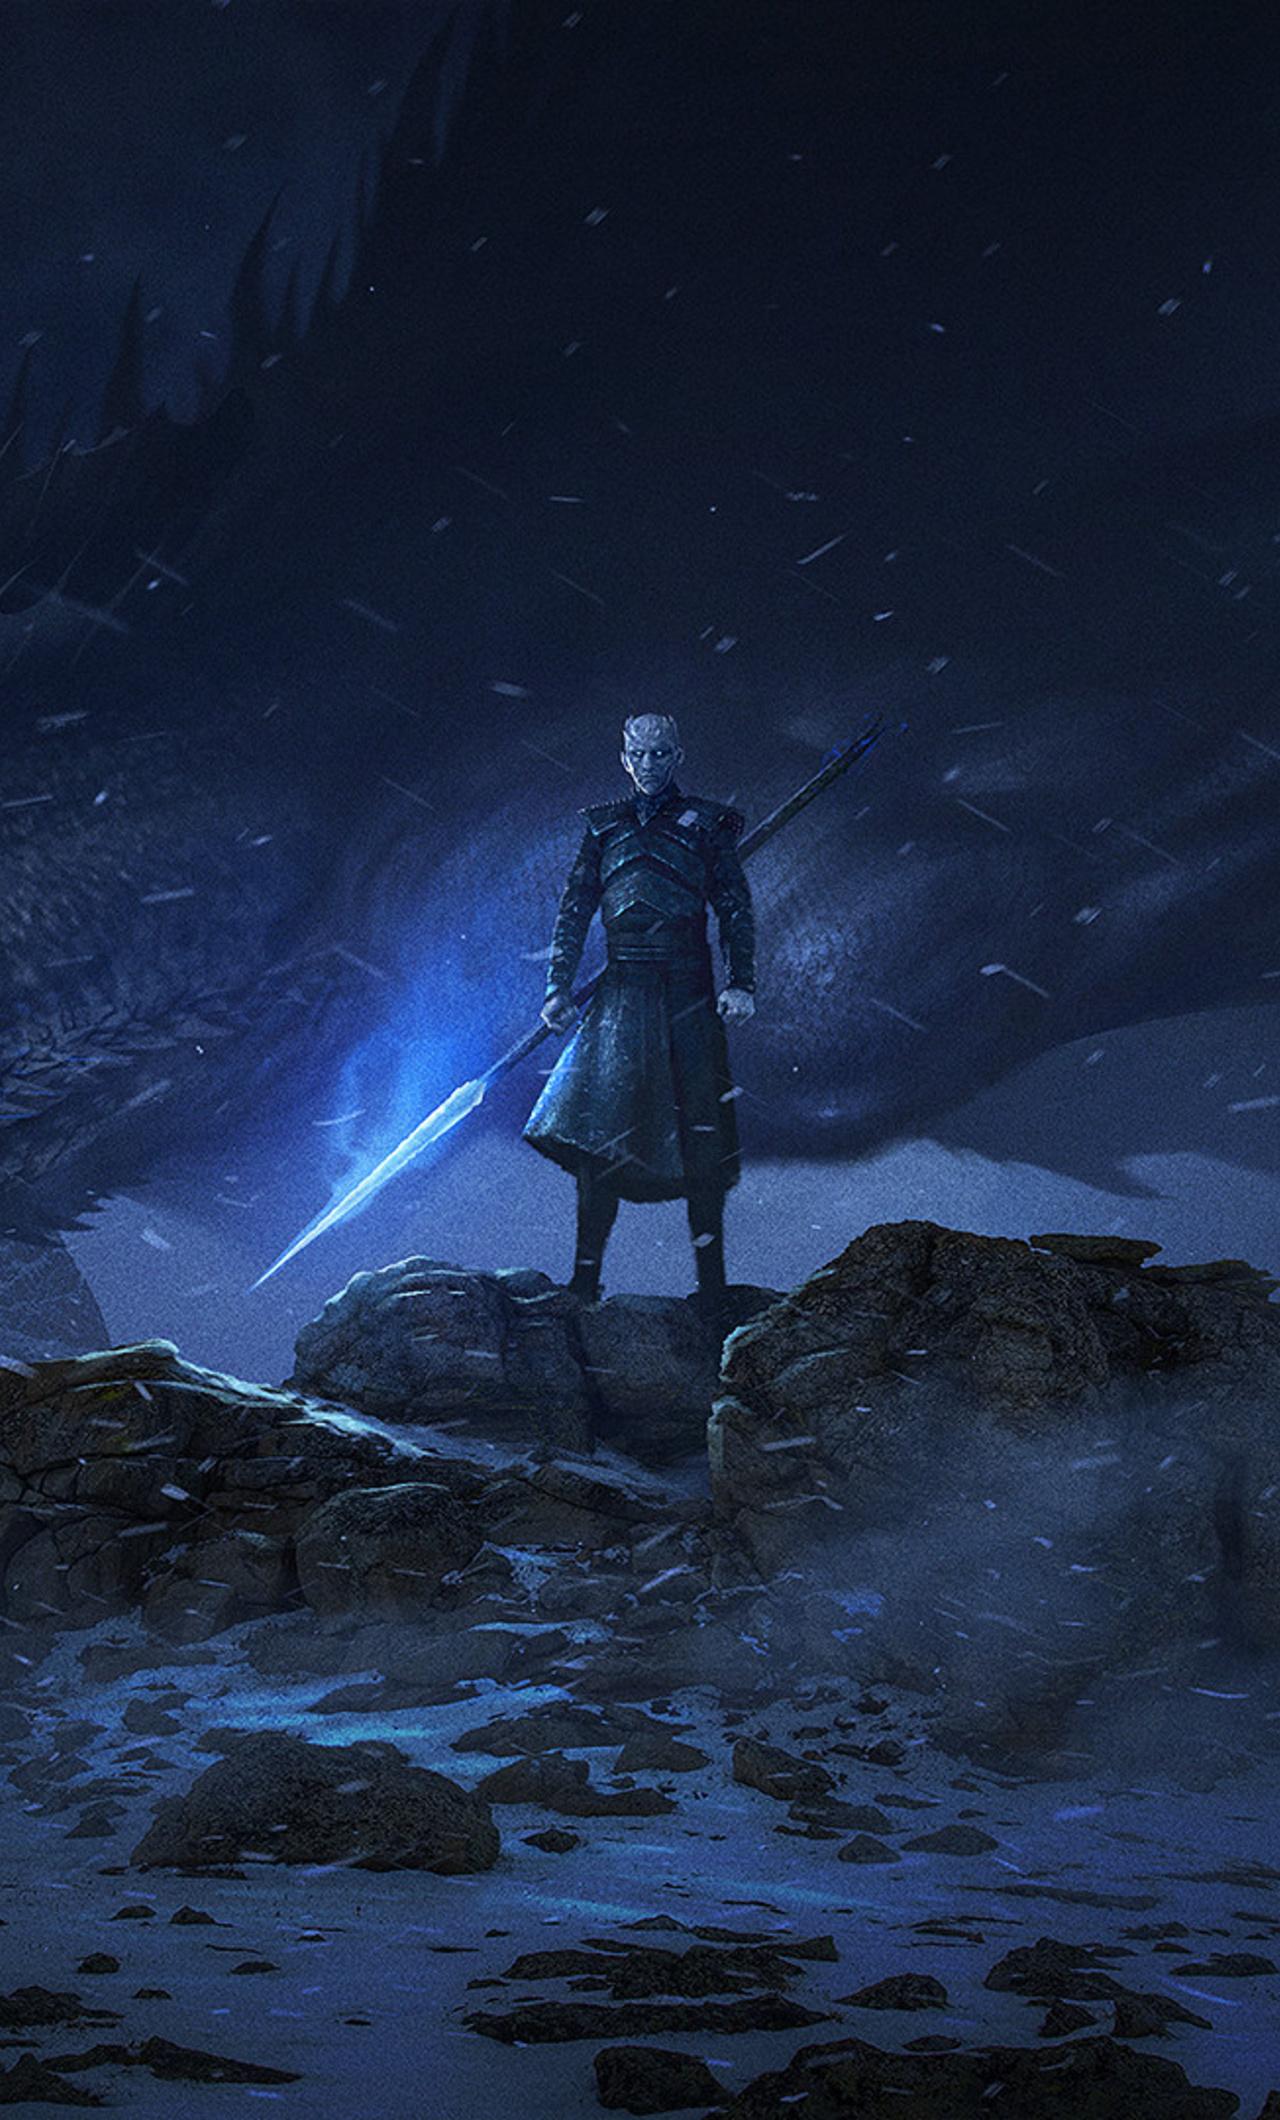 1280x2120 Dragon Night King Game Of Thrones Season 8 Iphone 6 Hd 4k